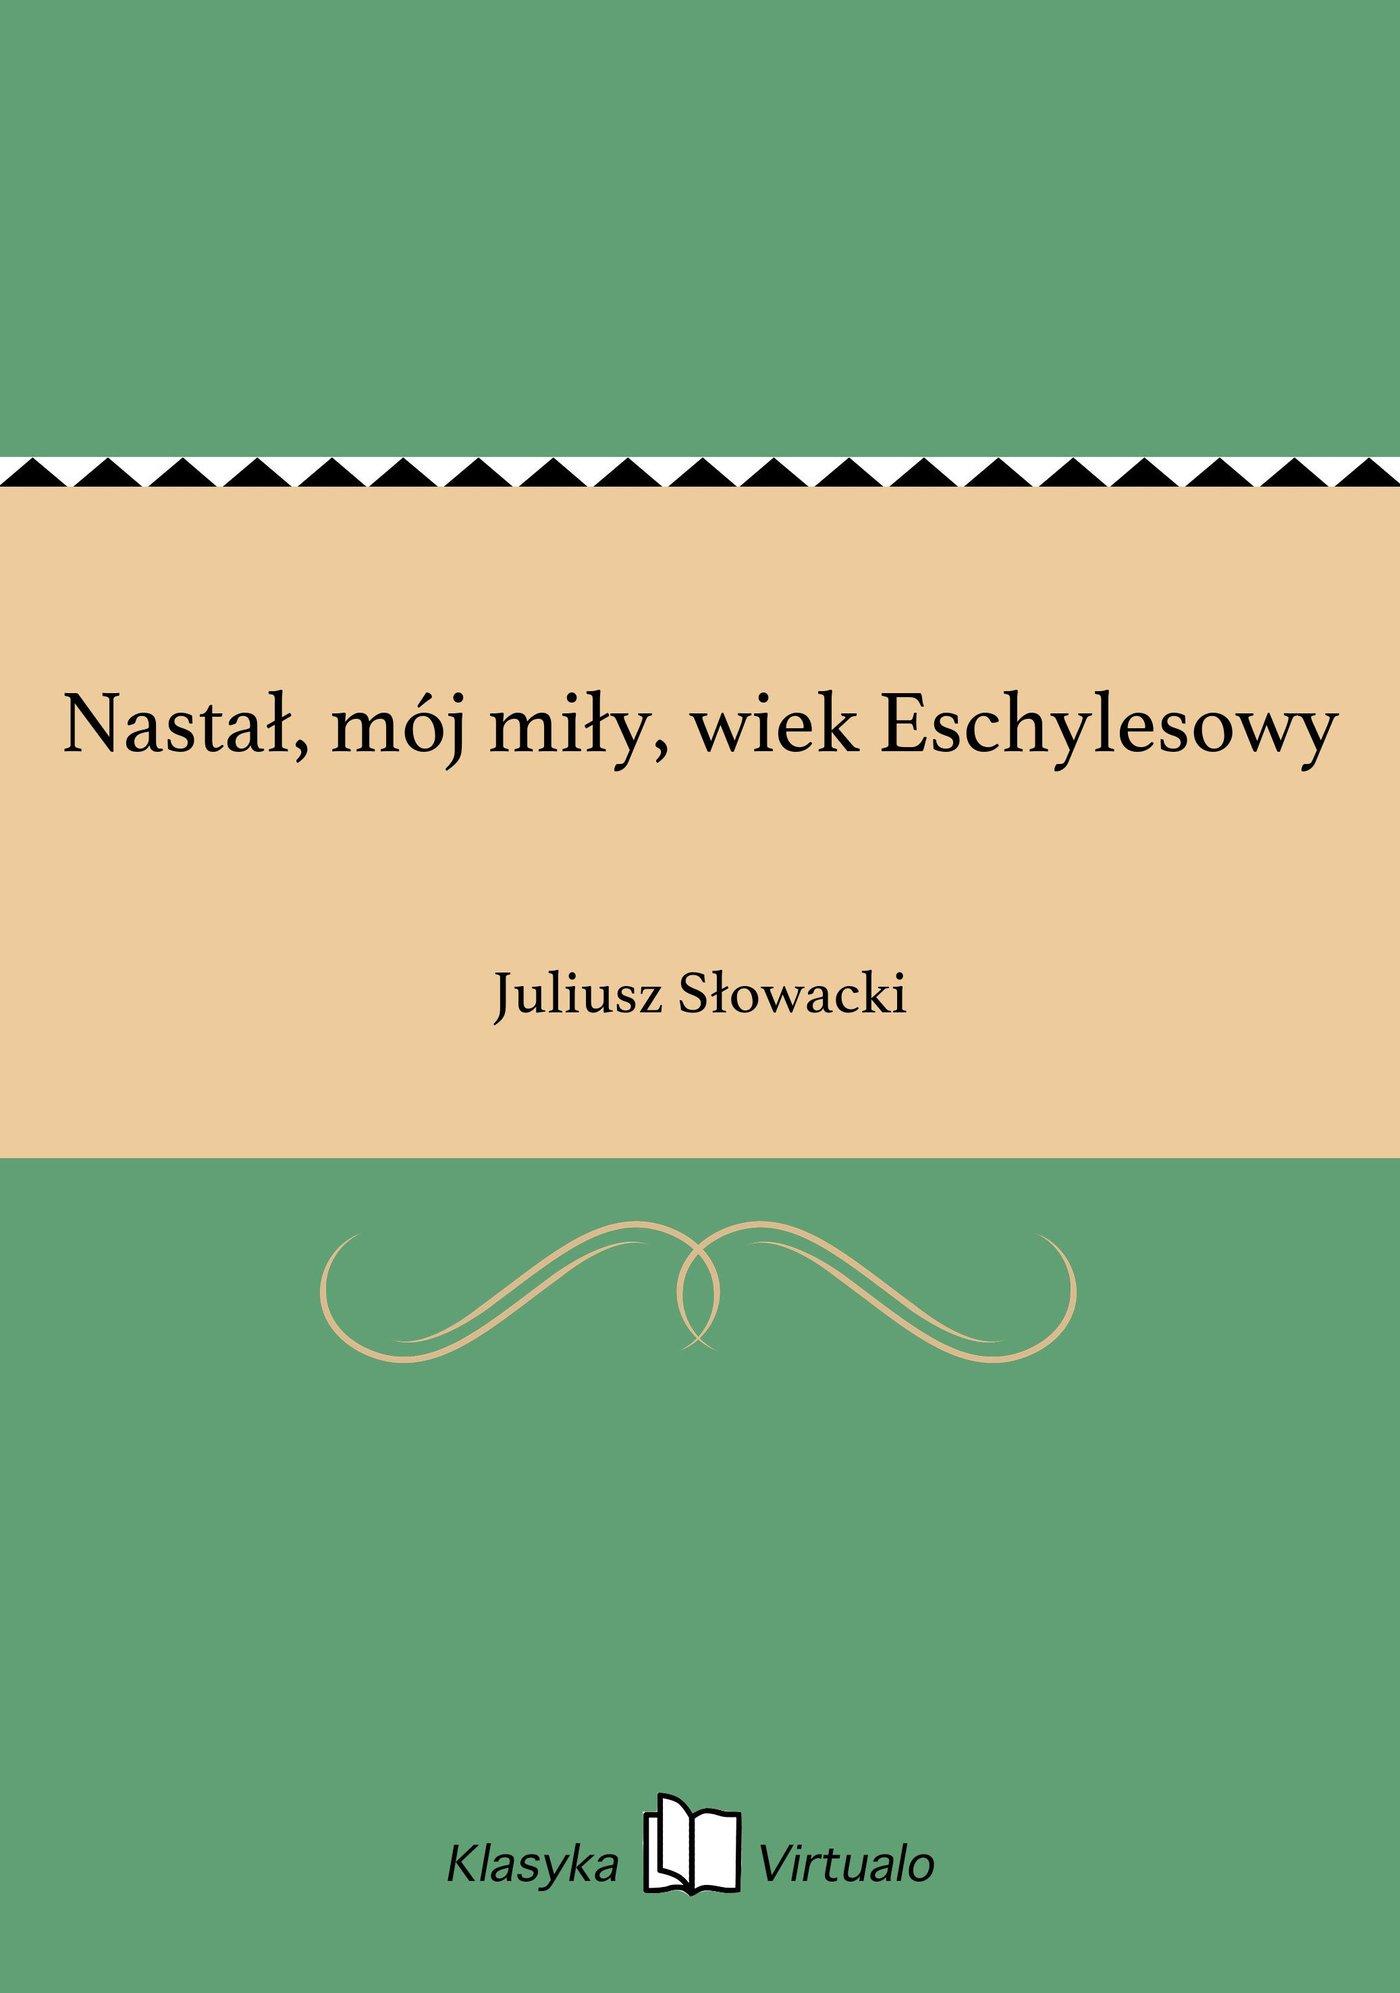 Nastał, mój miły, wiek Eschylesowy - Ebook (Książka EPUB) do pobrania w formacie EPUB